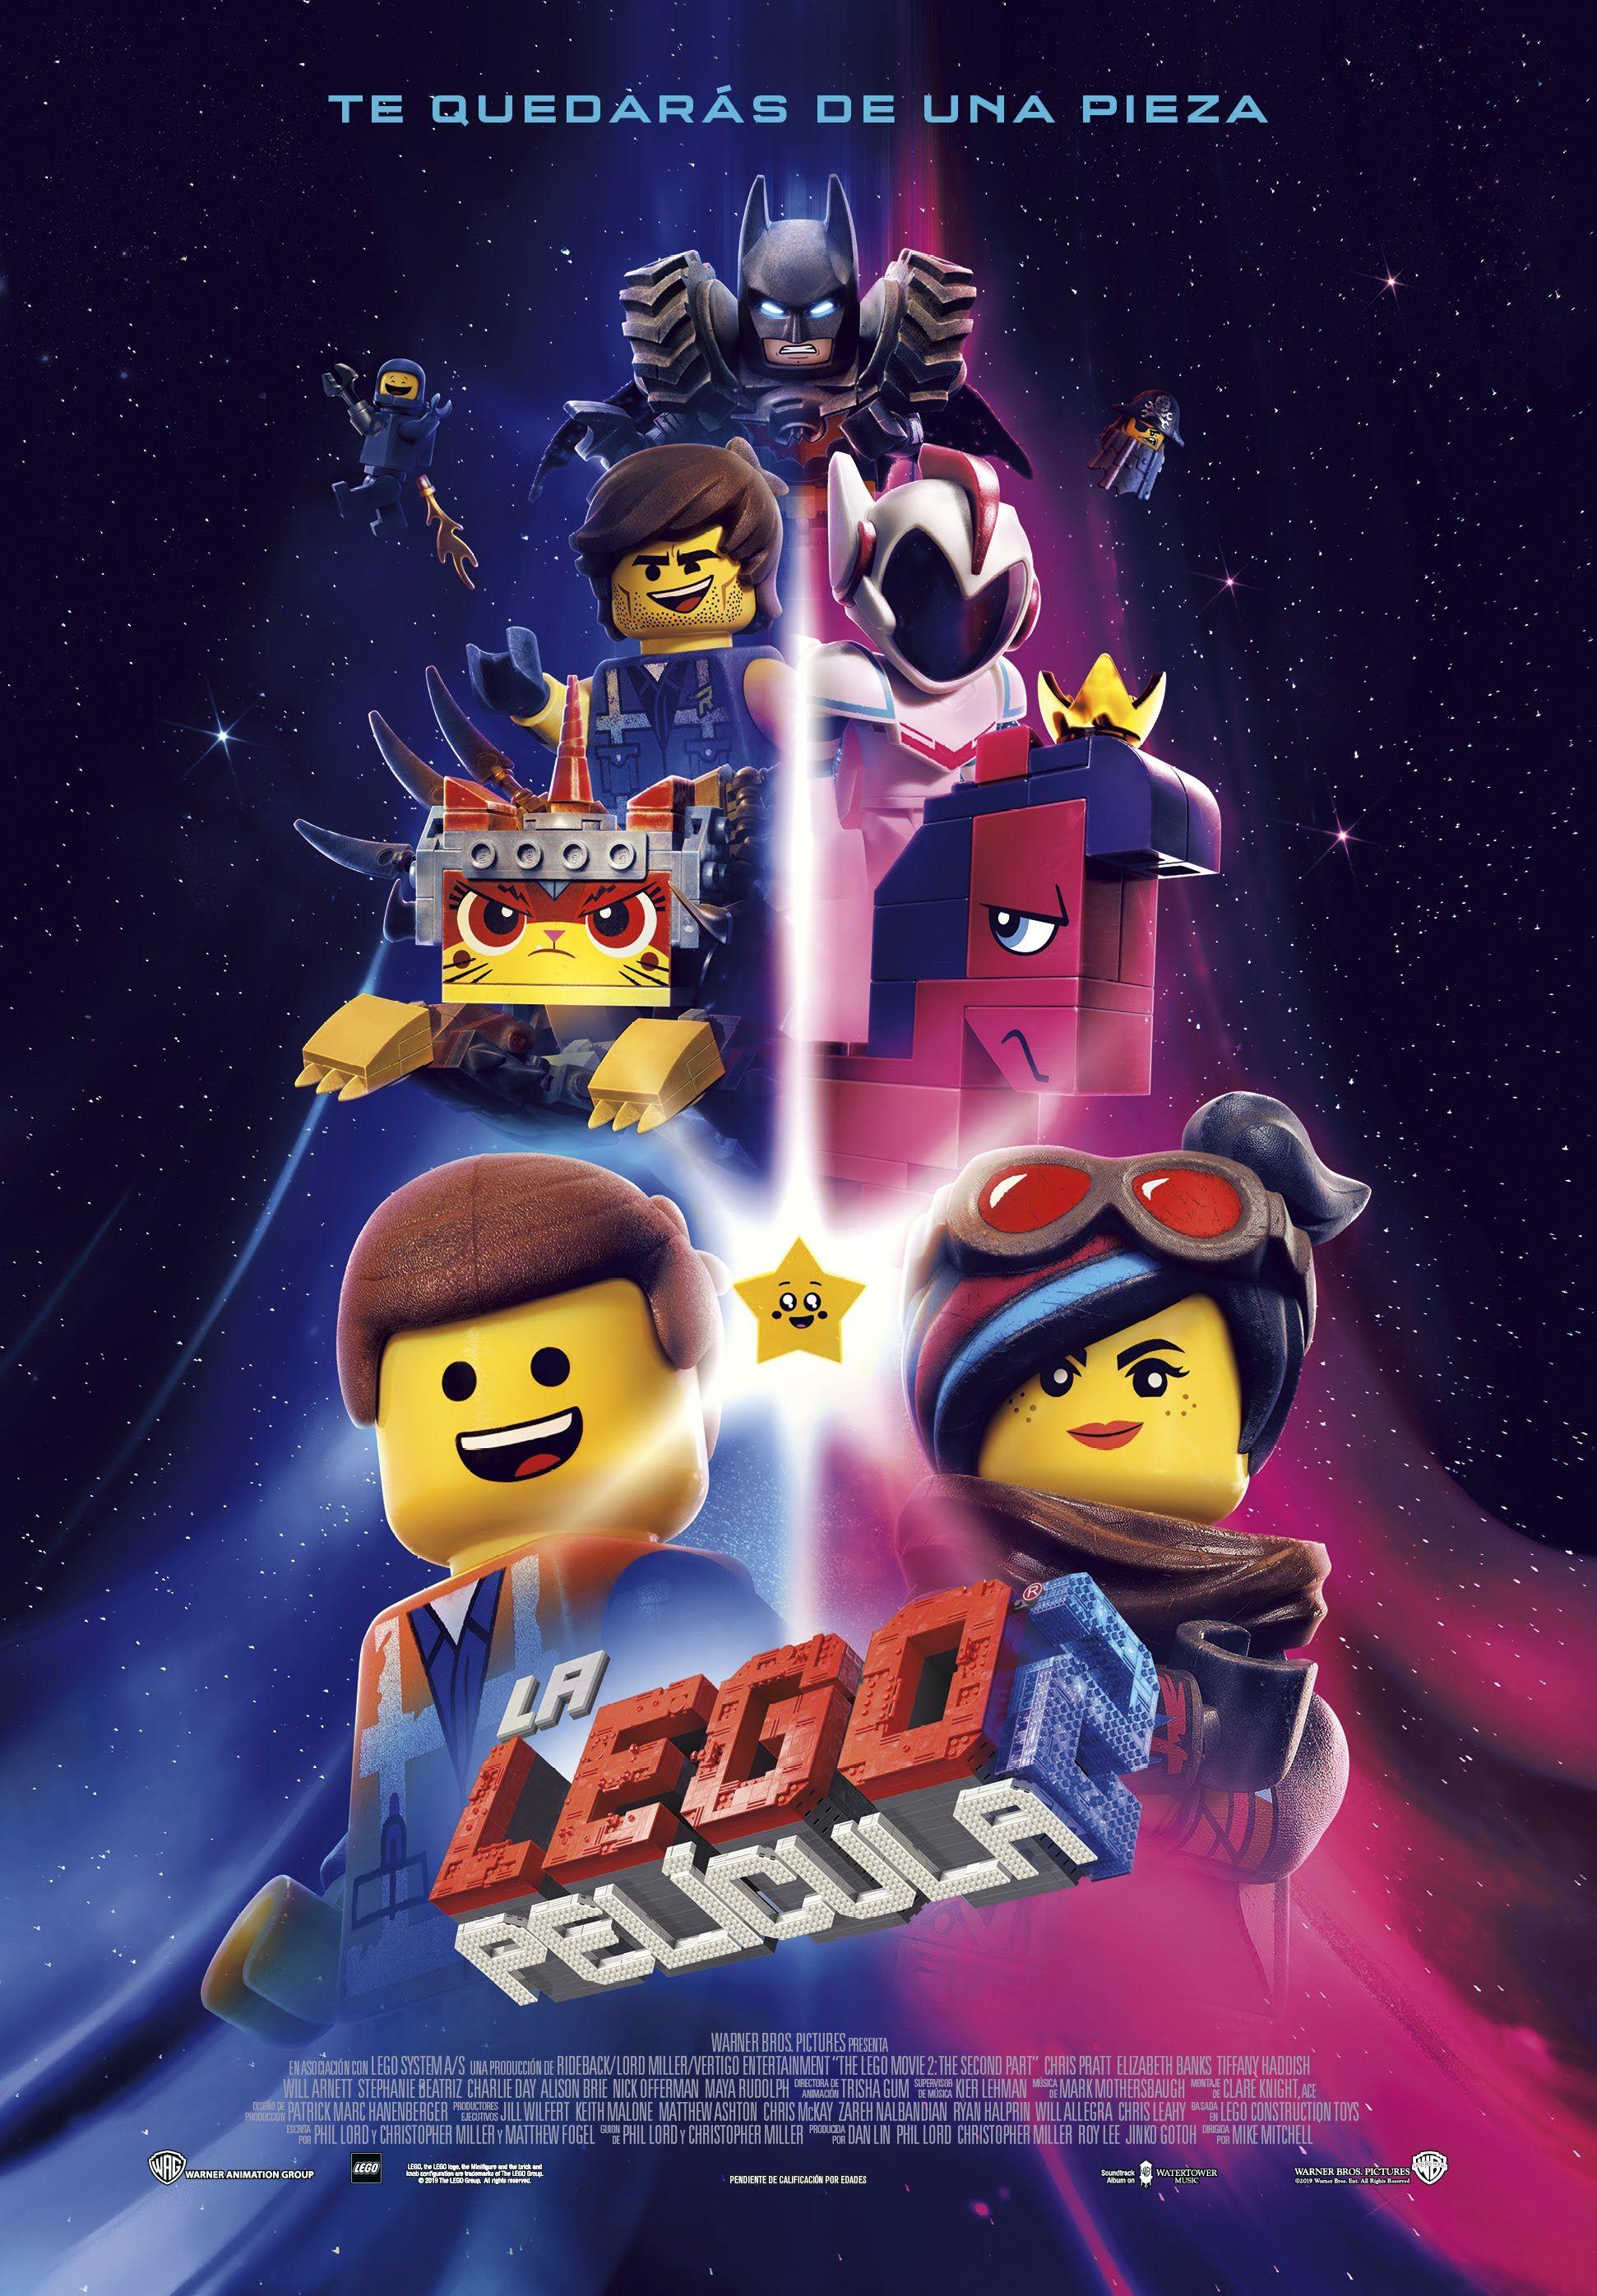 Resultado de imagen de LEGO 2 LA PELICULA AFICHE